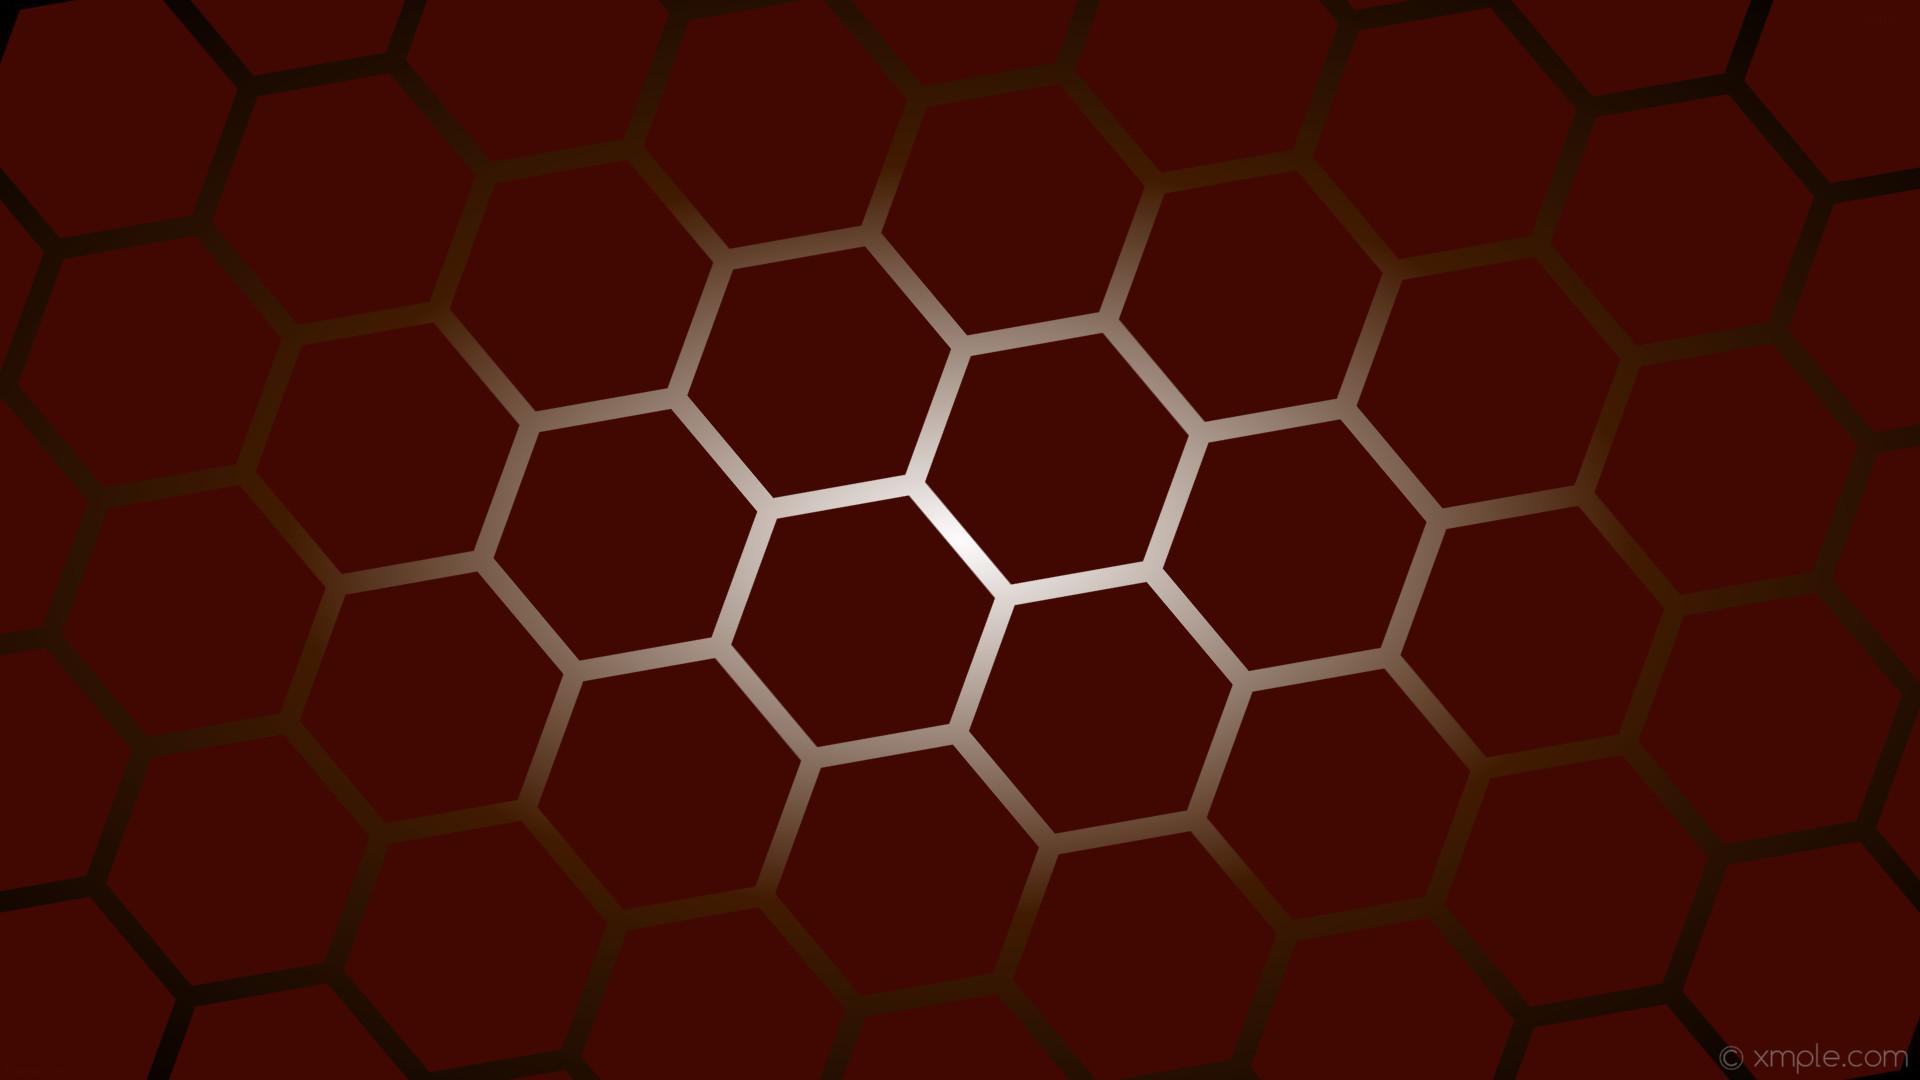 wallpaper black white red hexagon gradient orange glow dark red dark orange  #410801 #ffffff